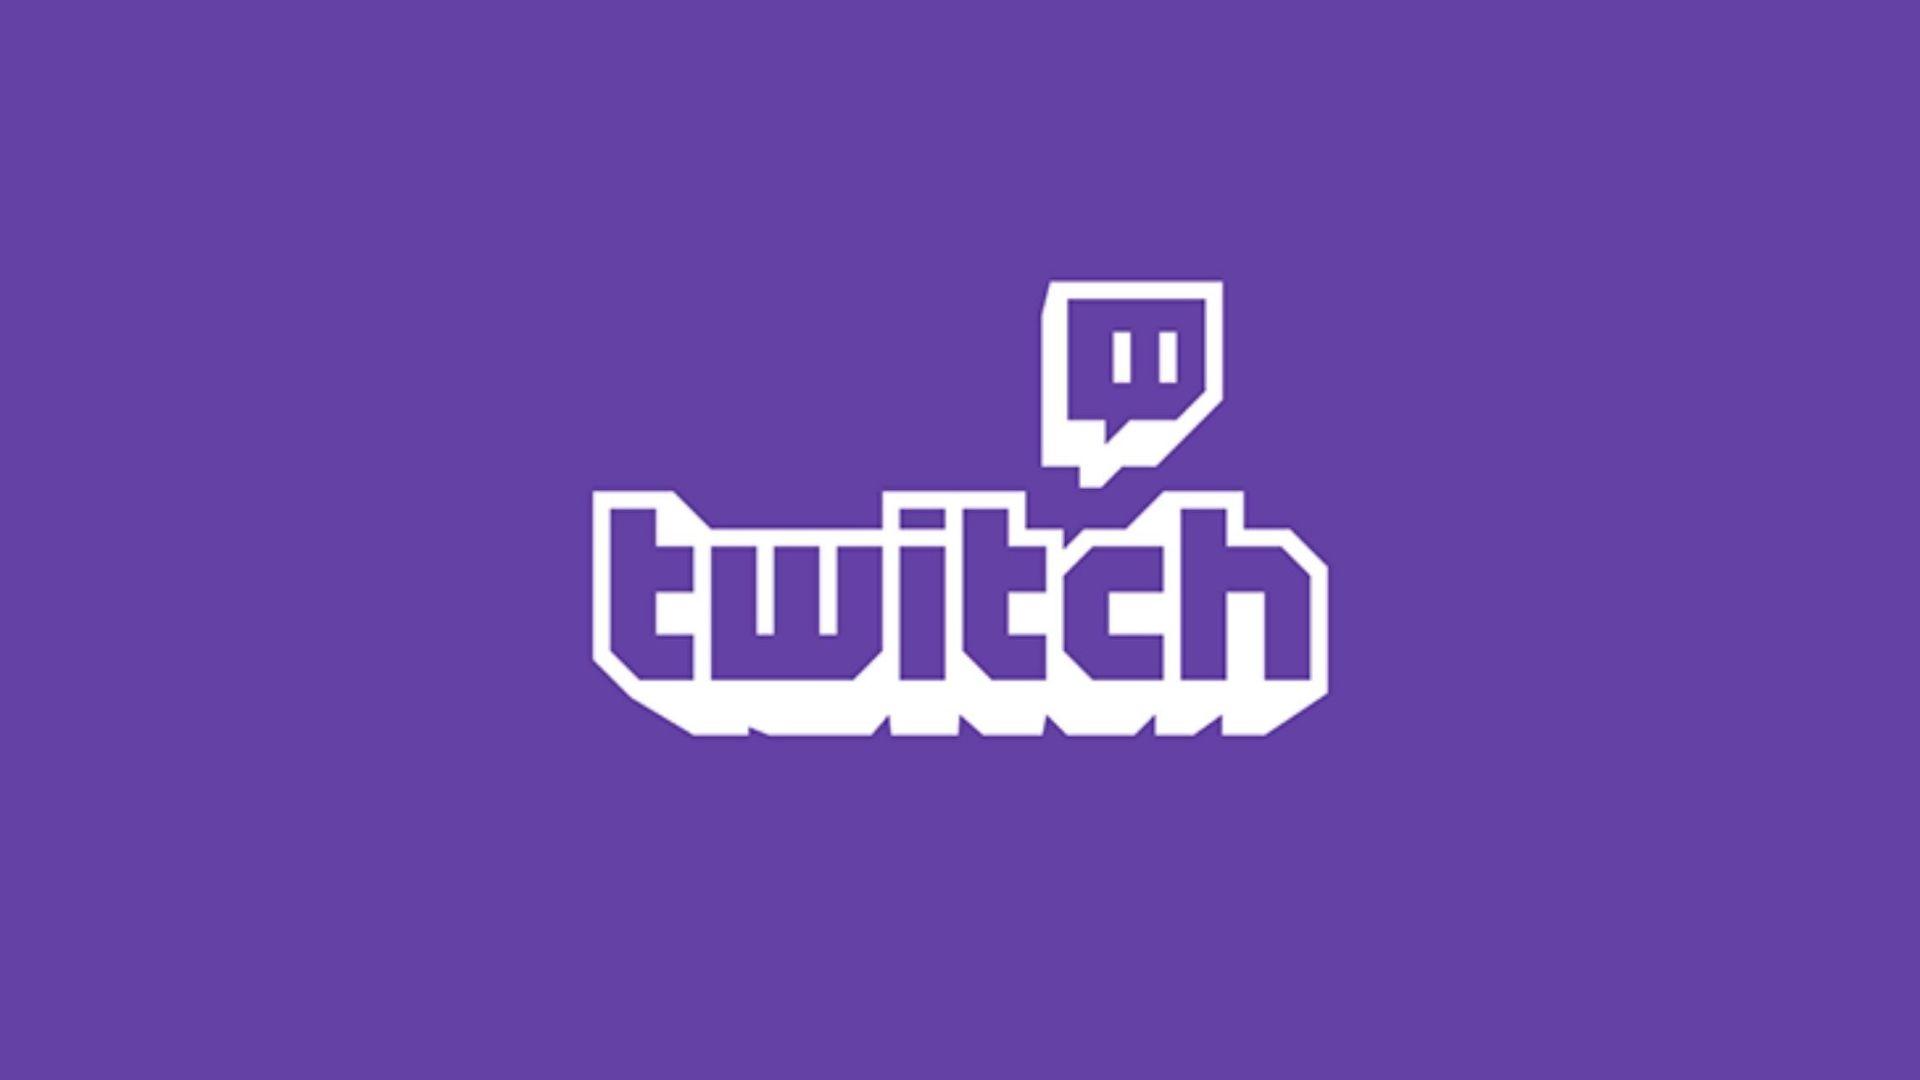 twitch logo - Twitch arrive bientôt sur l'Apple TV !